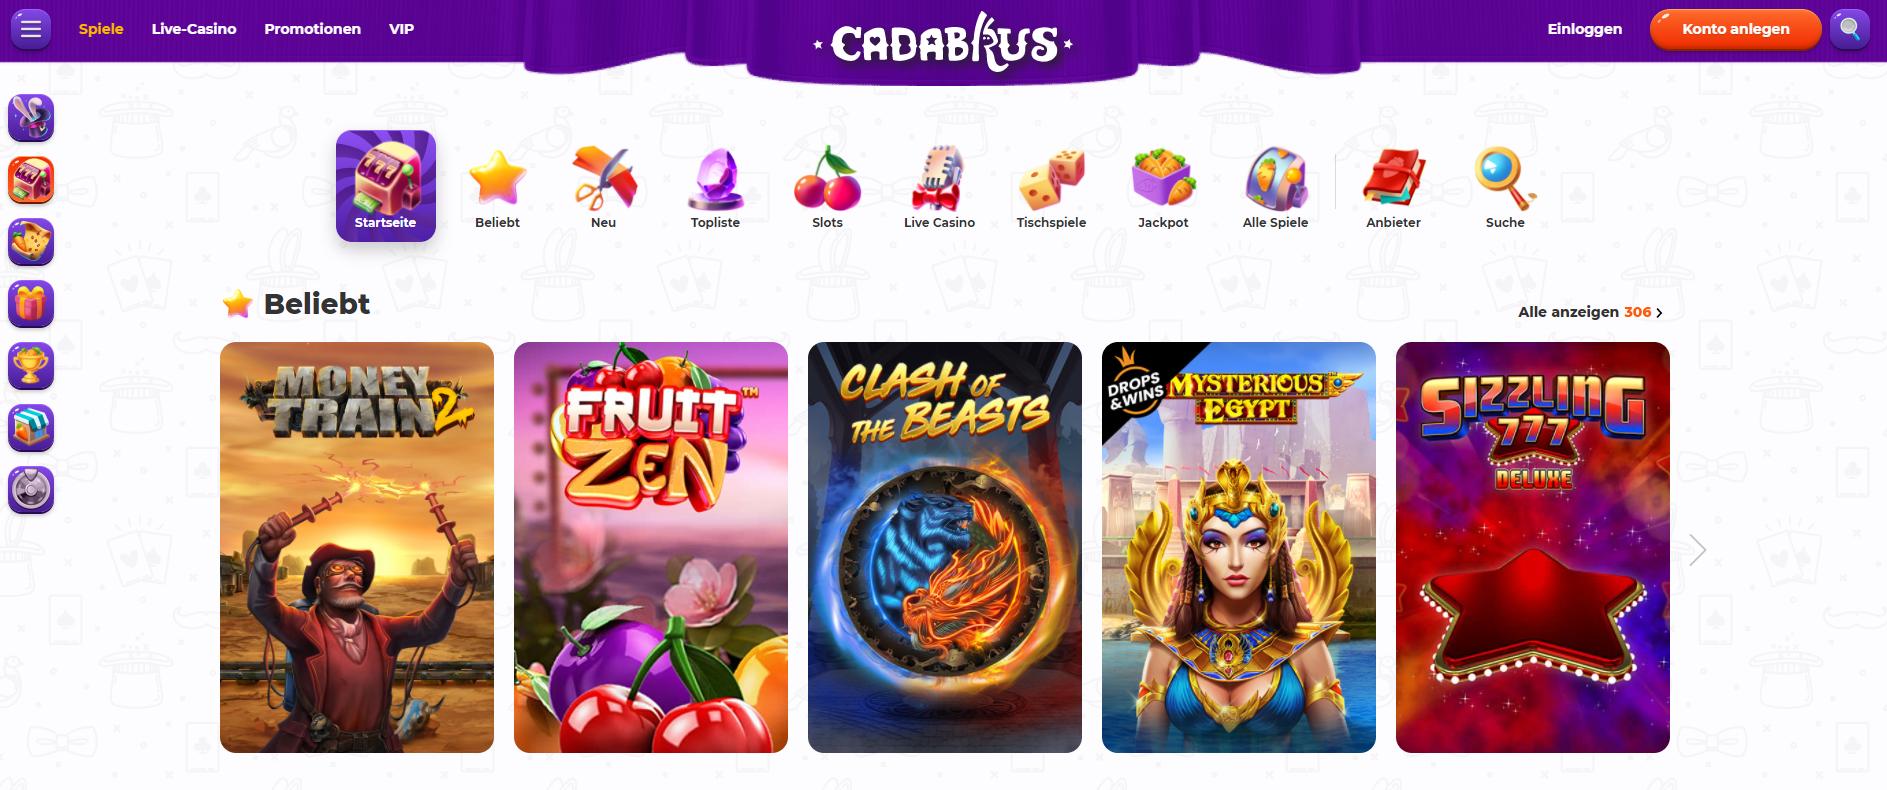 casino-cadabrus-alle-slots-vergleich-erfahrung